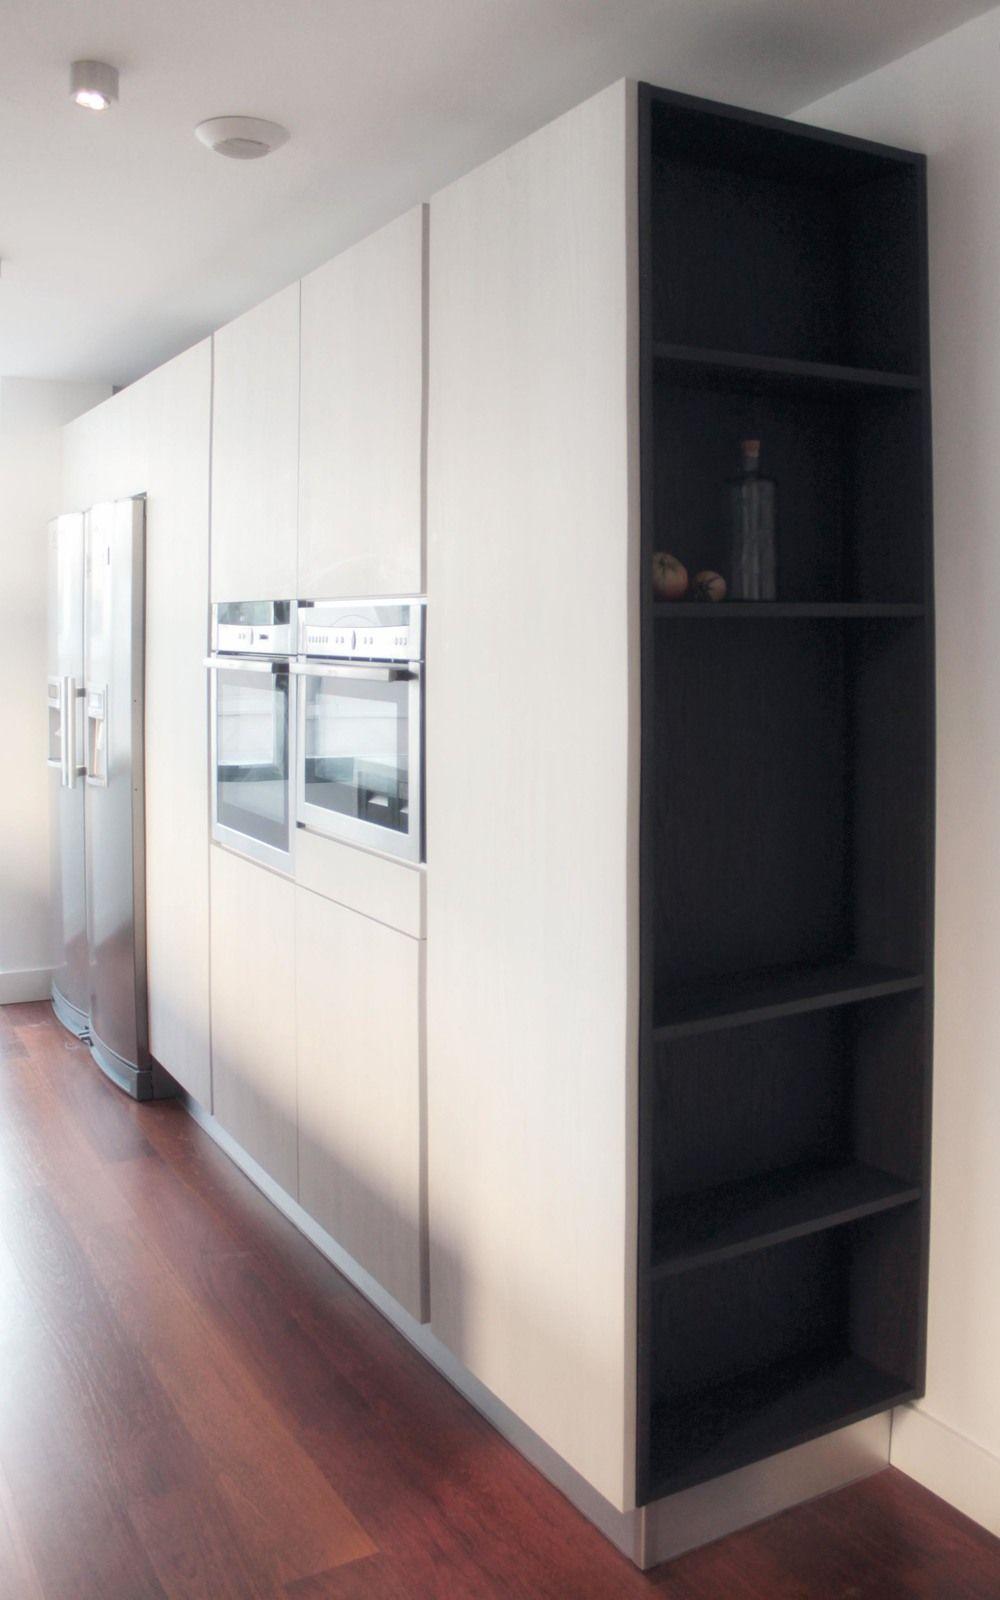 Aug 28 La cocina de Ana, un proyecto muy diseño slow | Mirando hacia ...